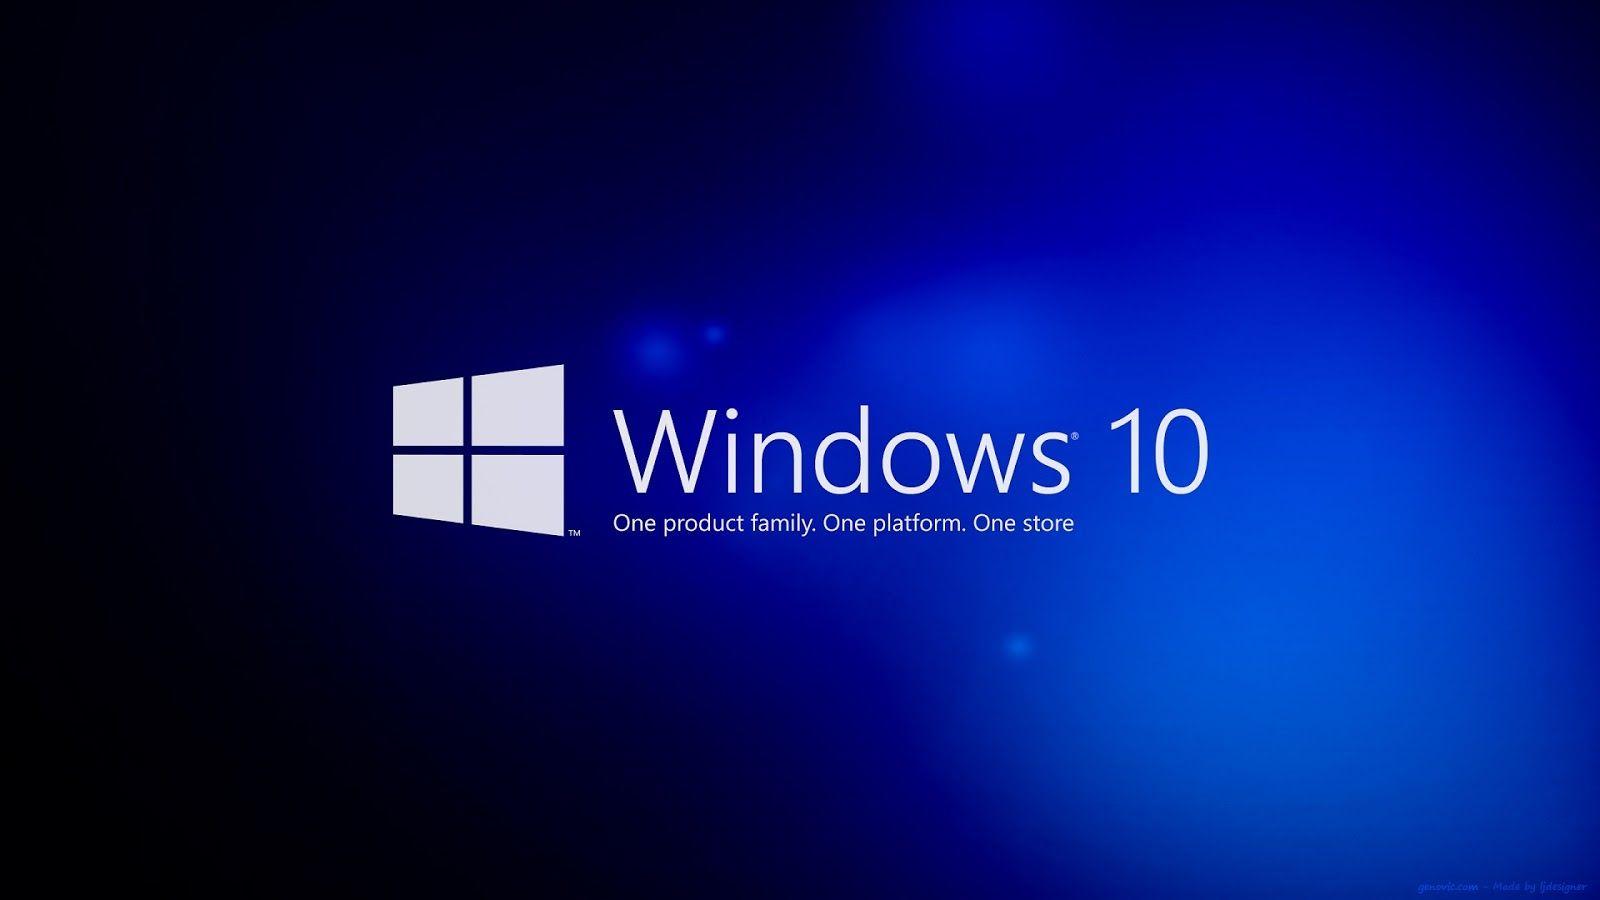 تحميل خلفيات ويندوز 10 الرسمية بدقة4k عالم المعلومات Windows 10 Microsoft Windows 10 Download Windows 10